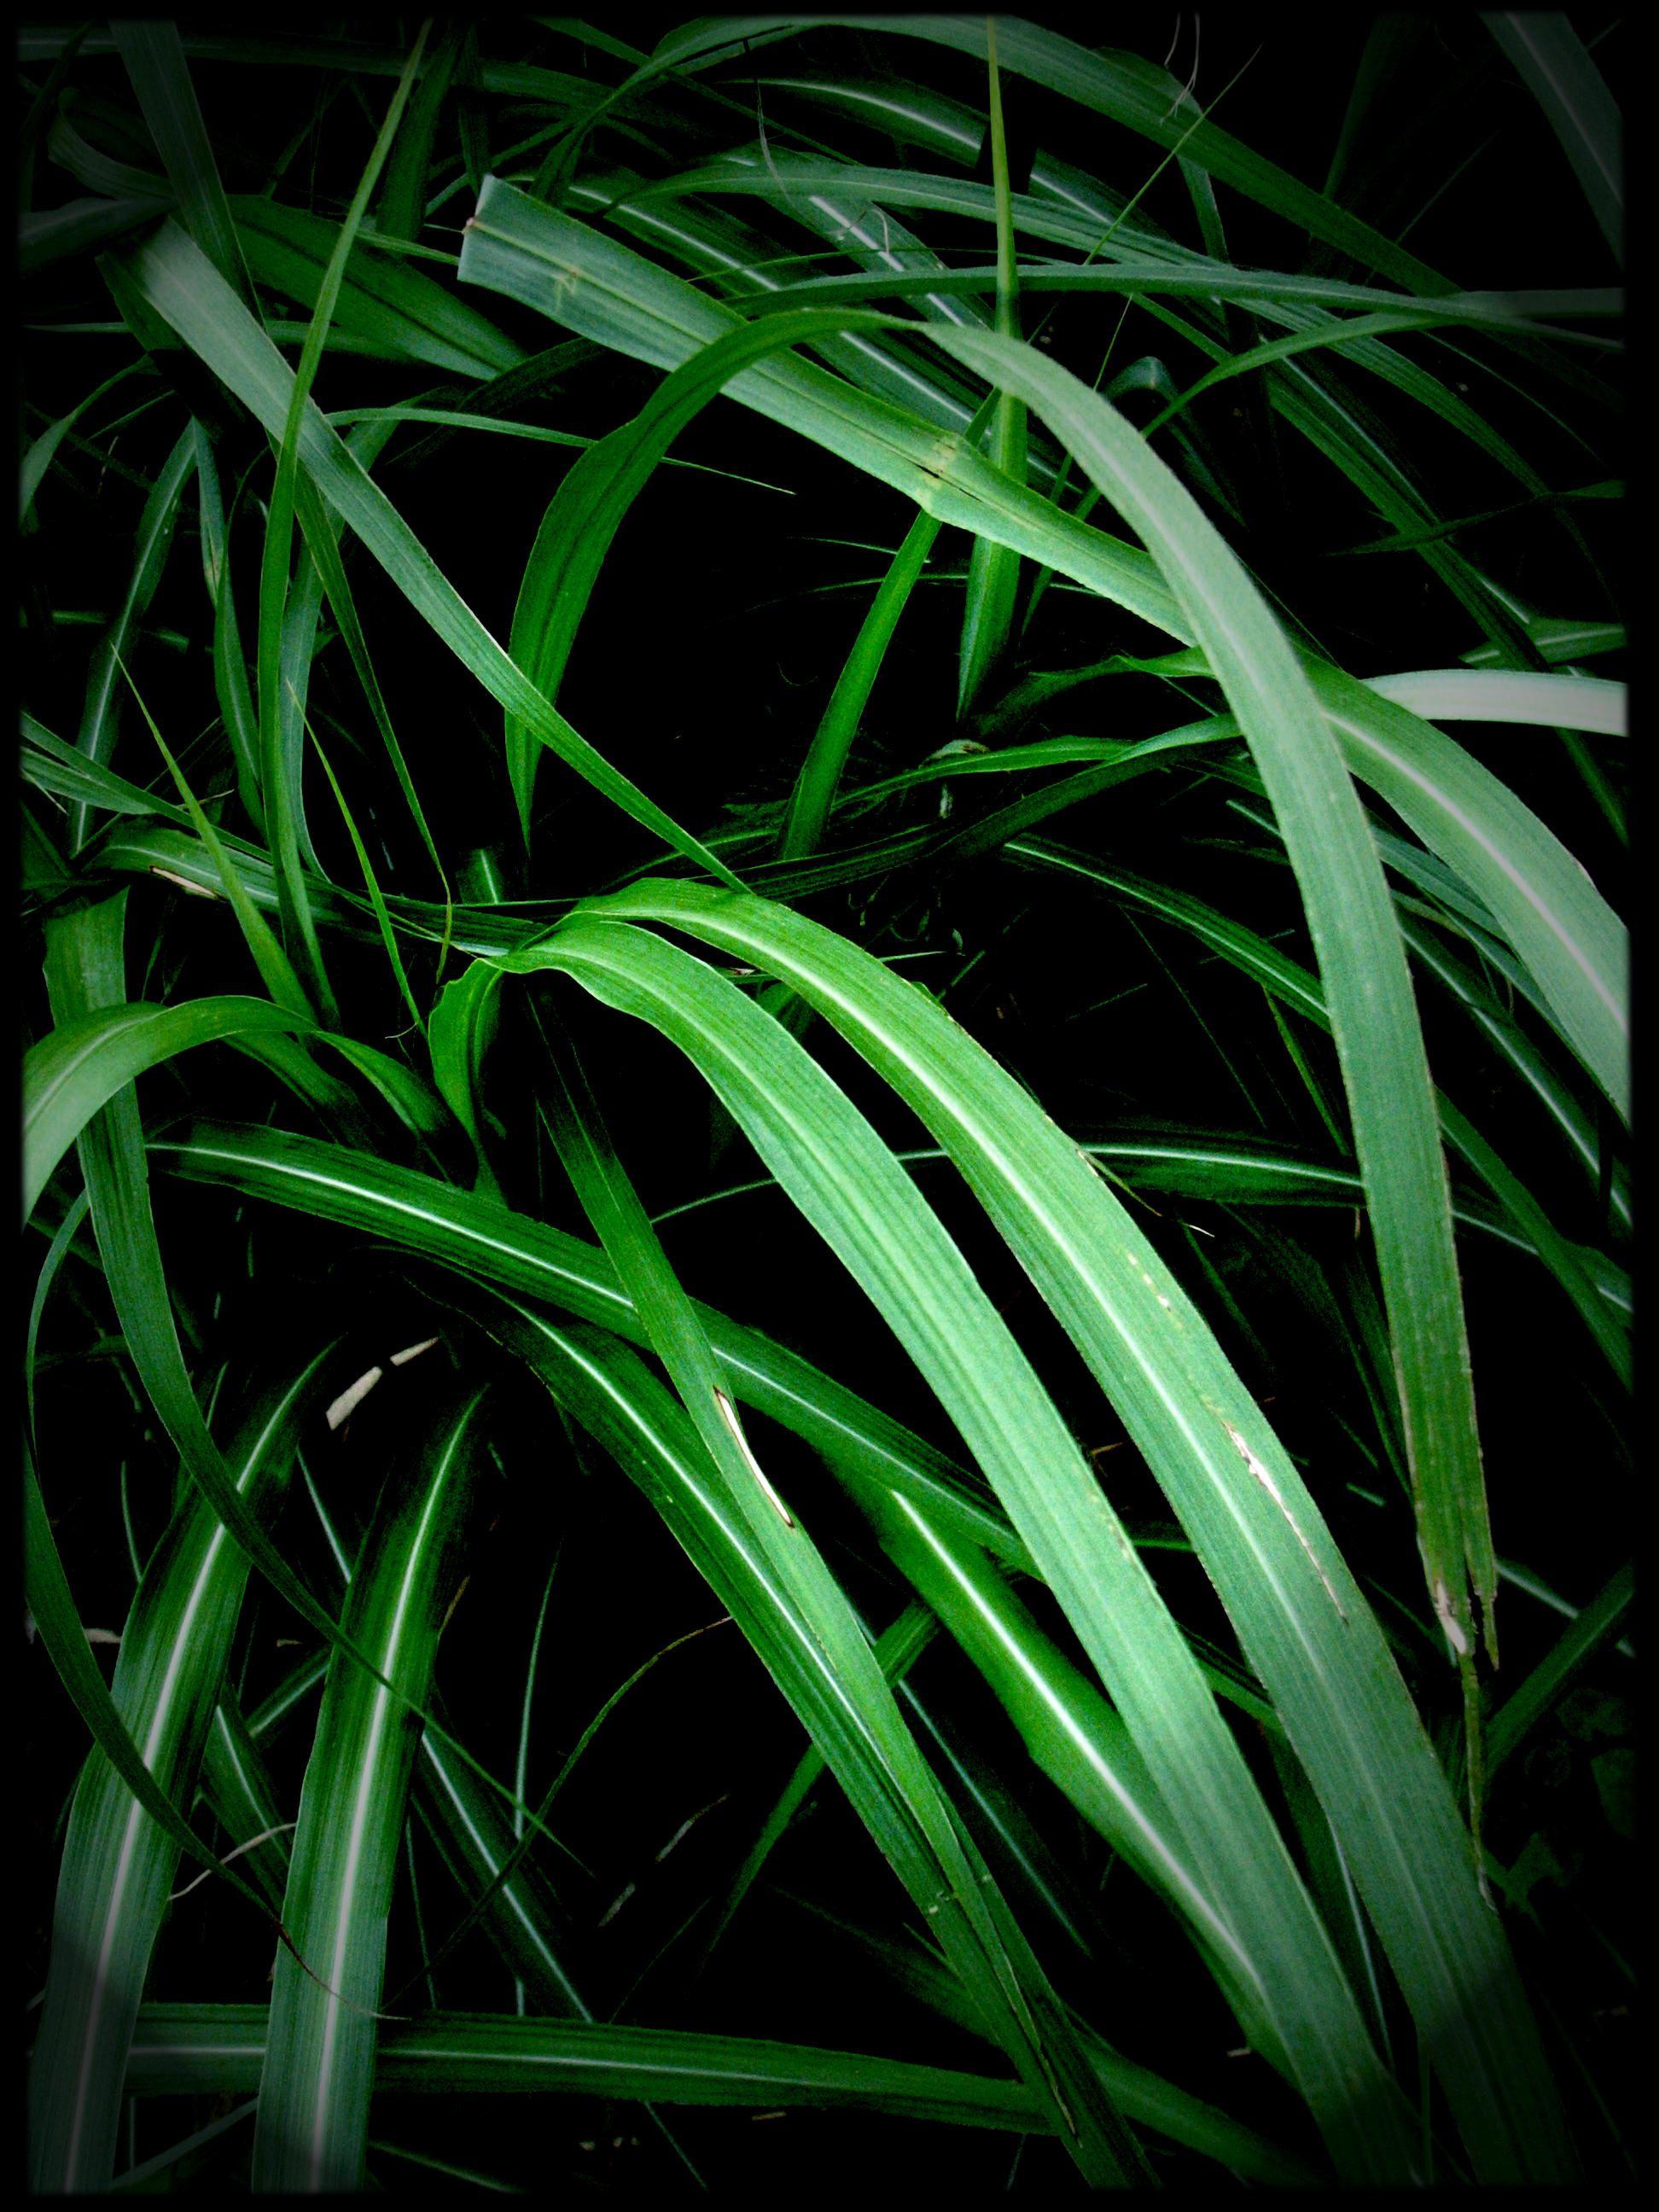 Plant_03 / Manabu Okazaki